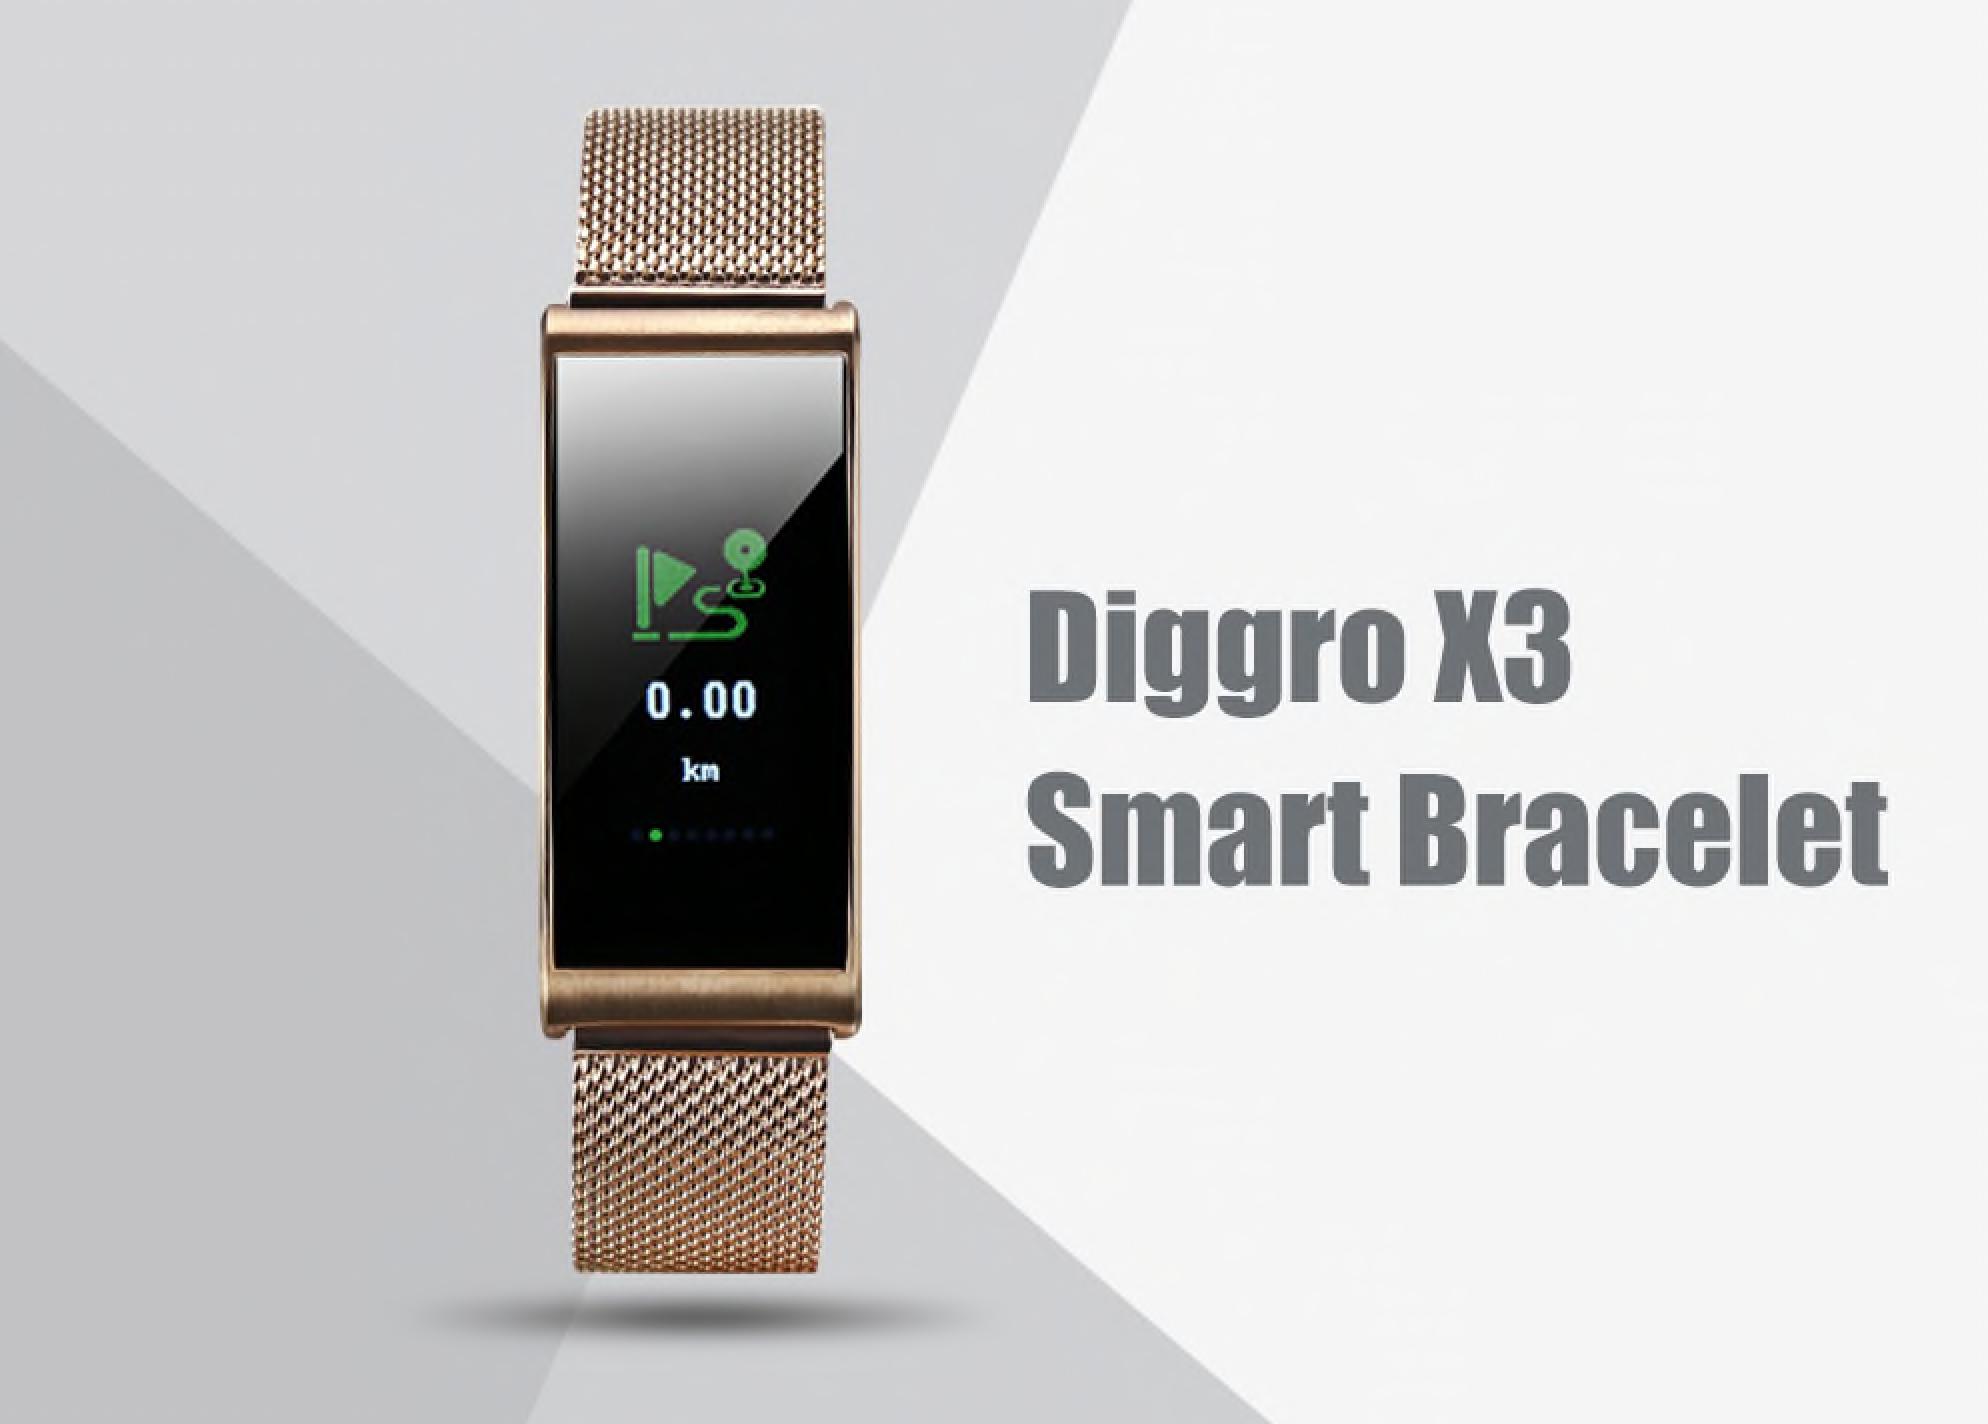 Gearbest: Elegantní chytrý náramek Diggro X3 nyní za skvělou cenu! [sponzorovaný článek]